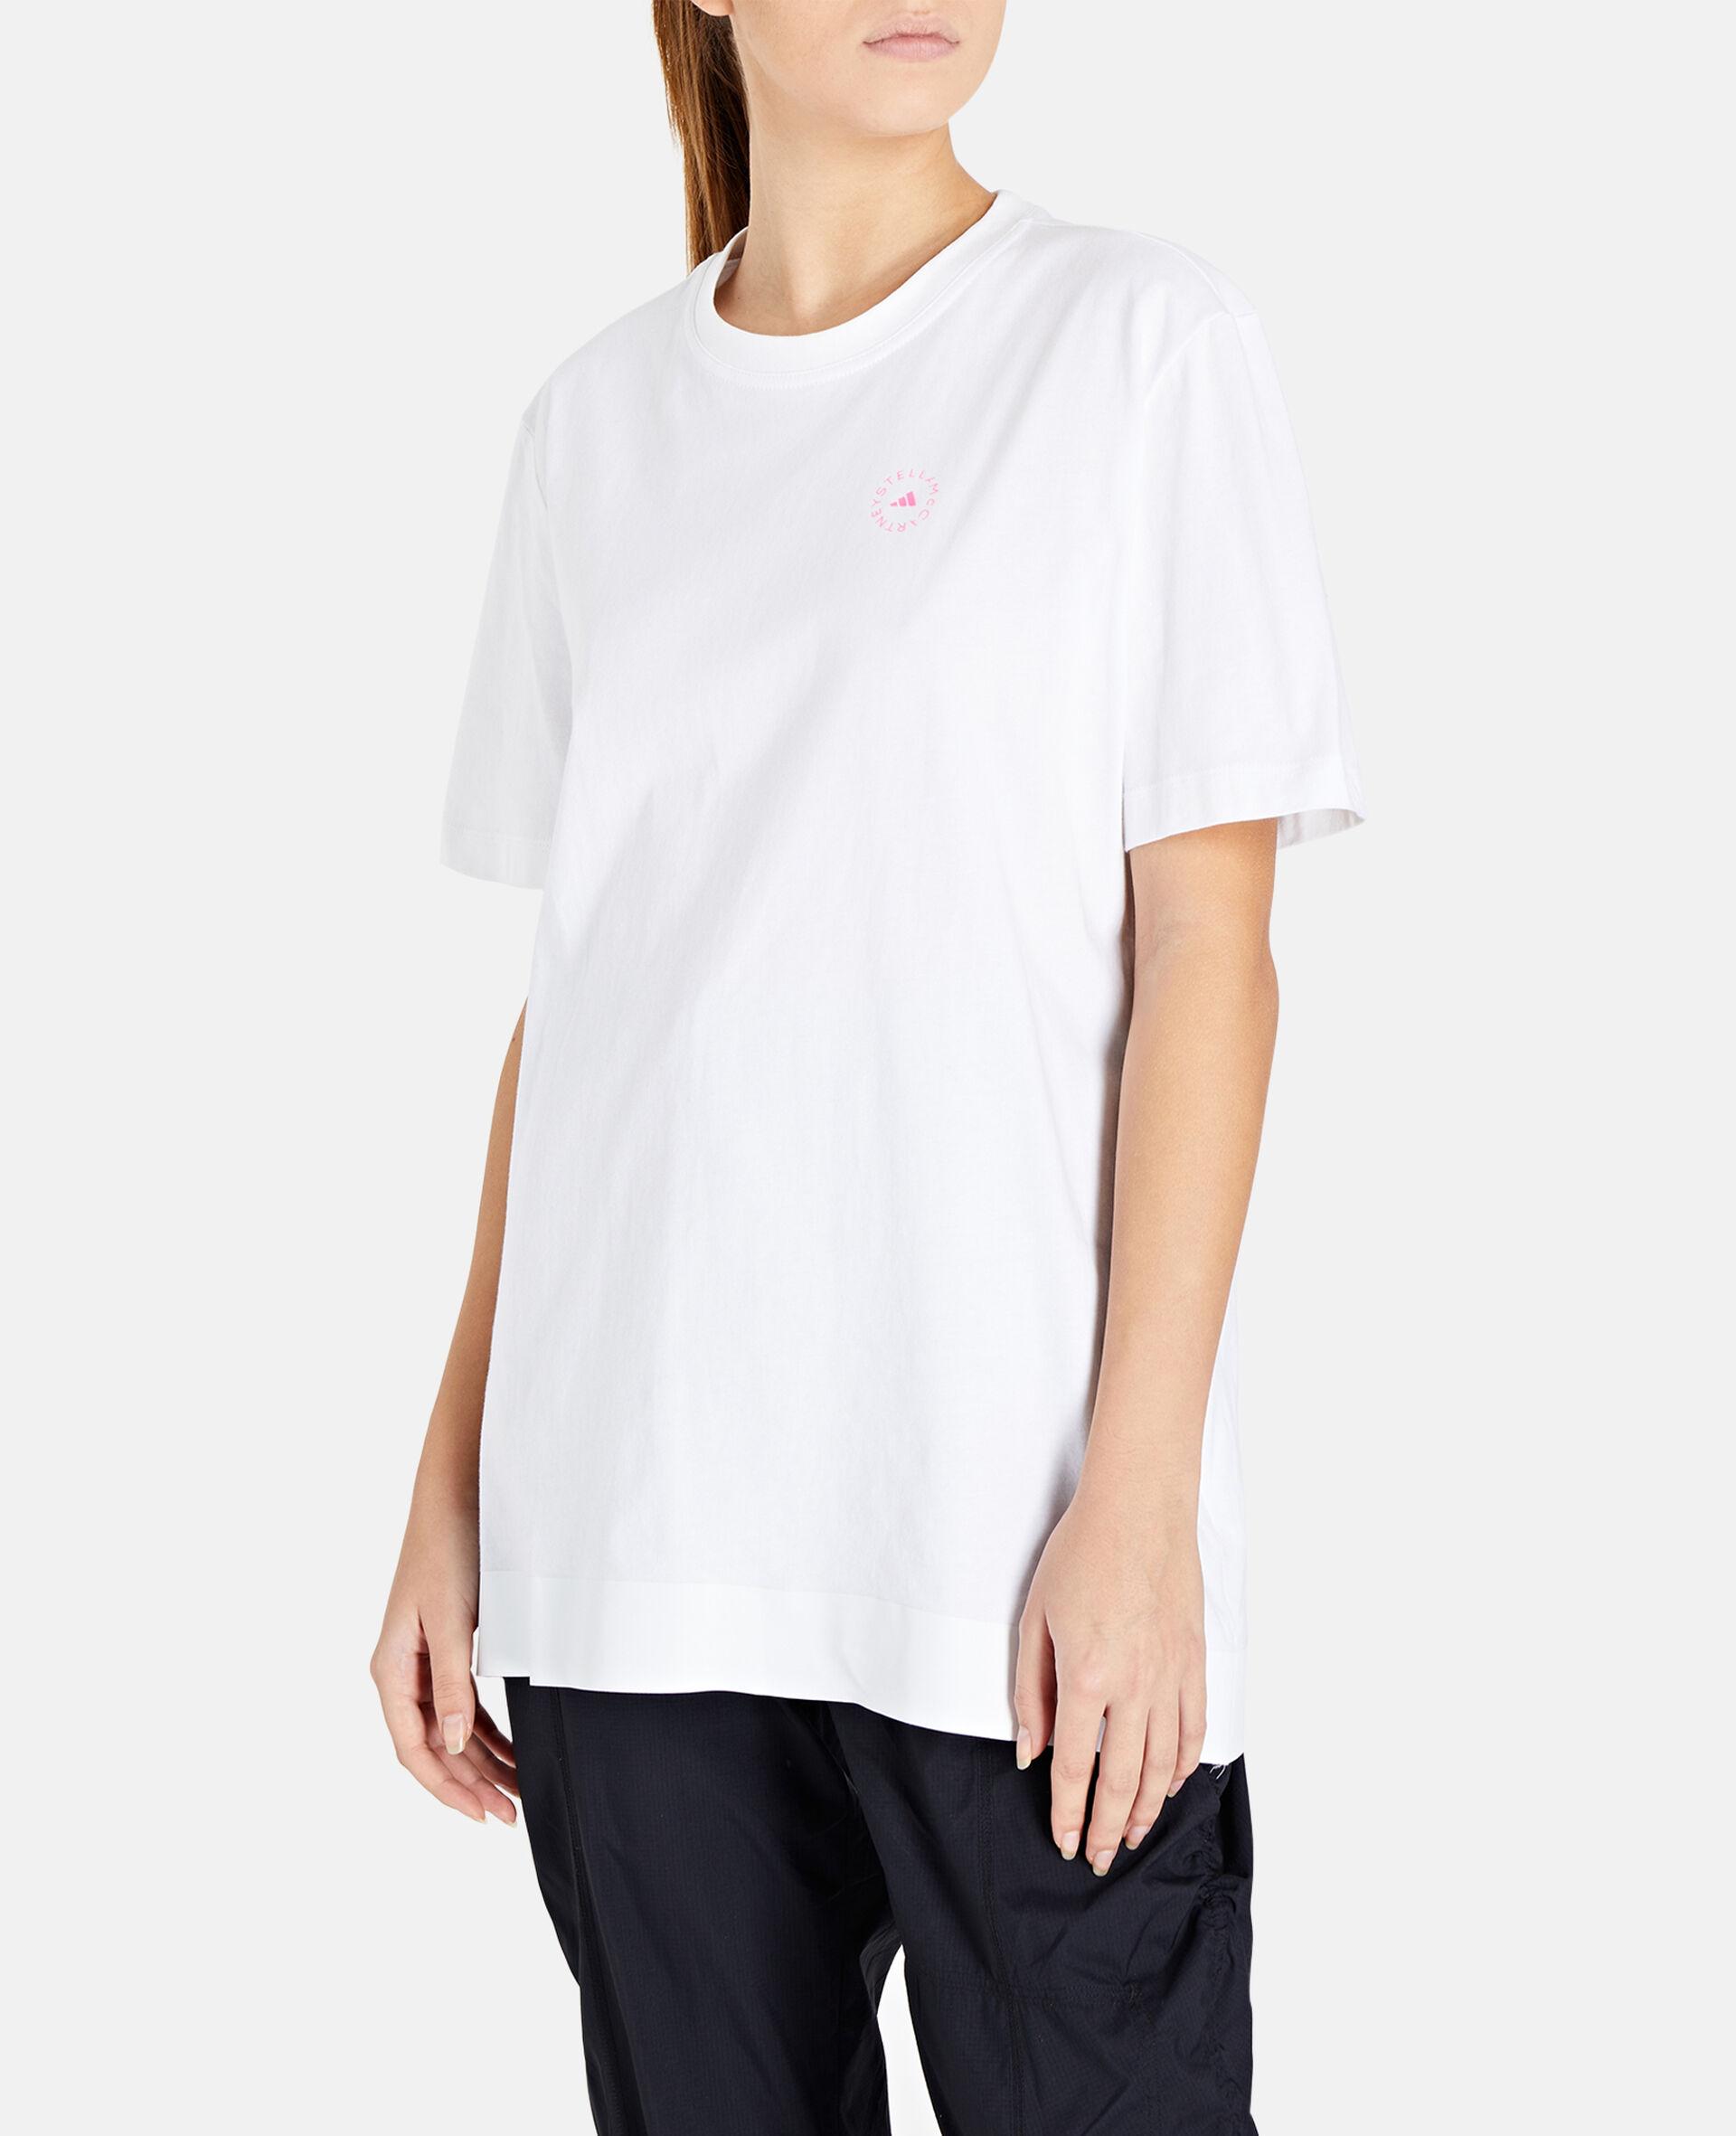 White Training T-Shirt-White-large image number 4